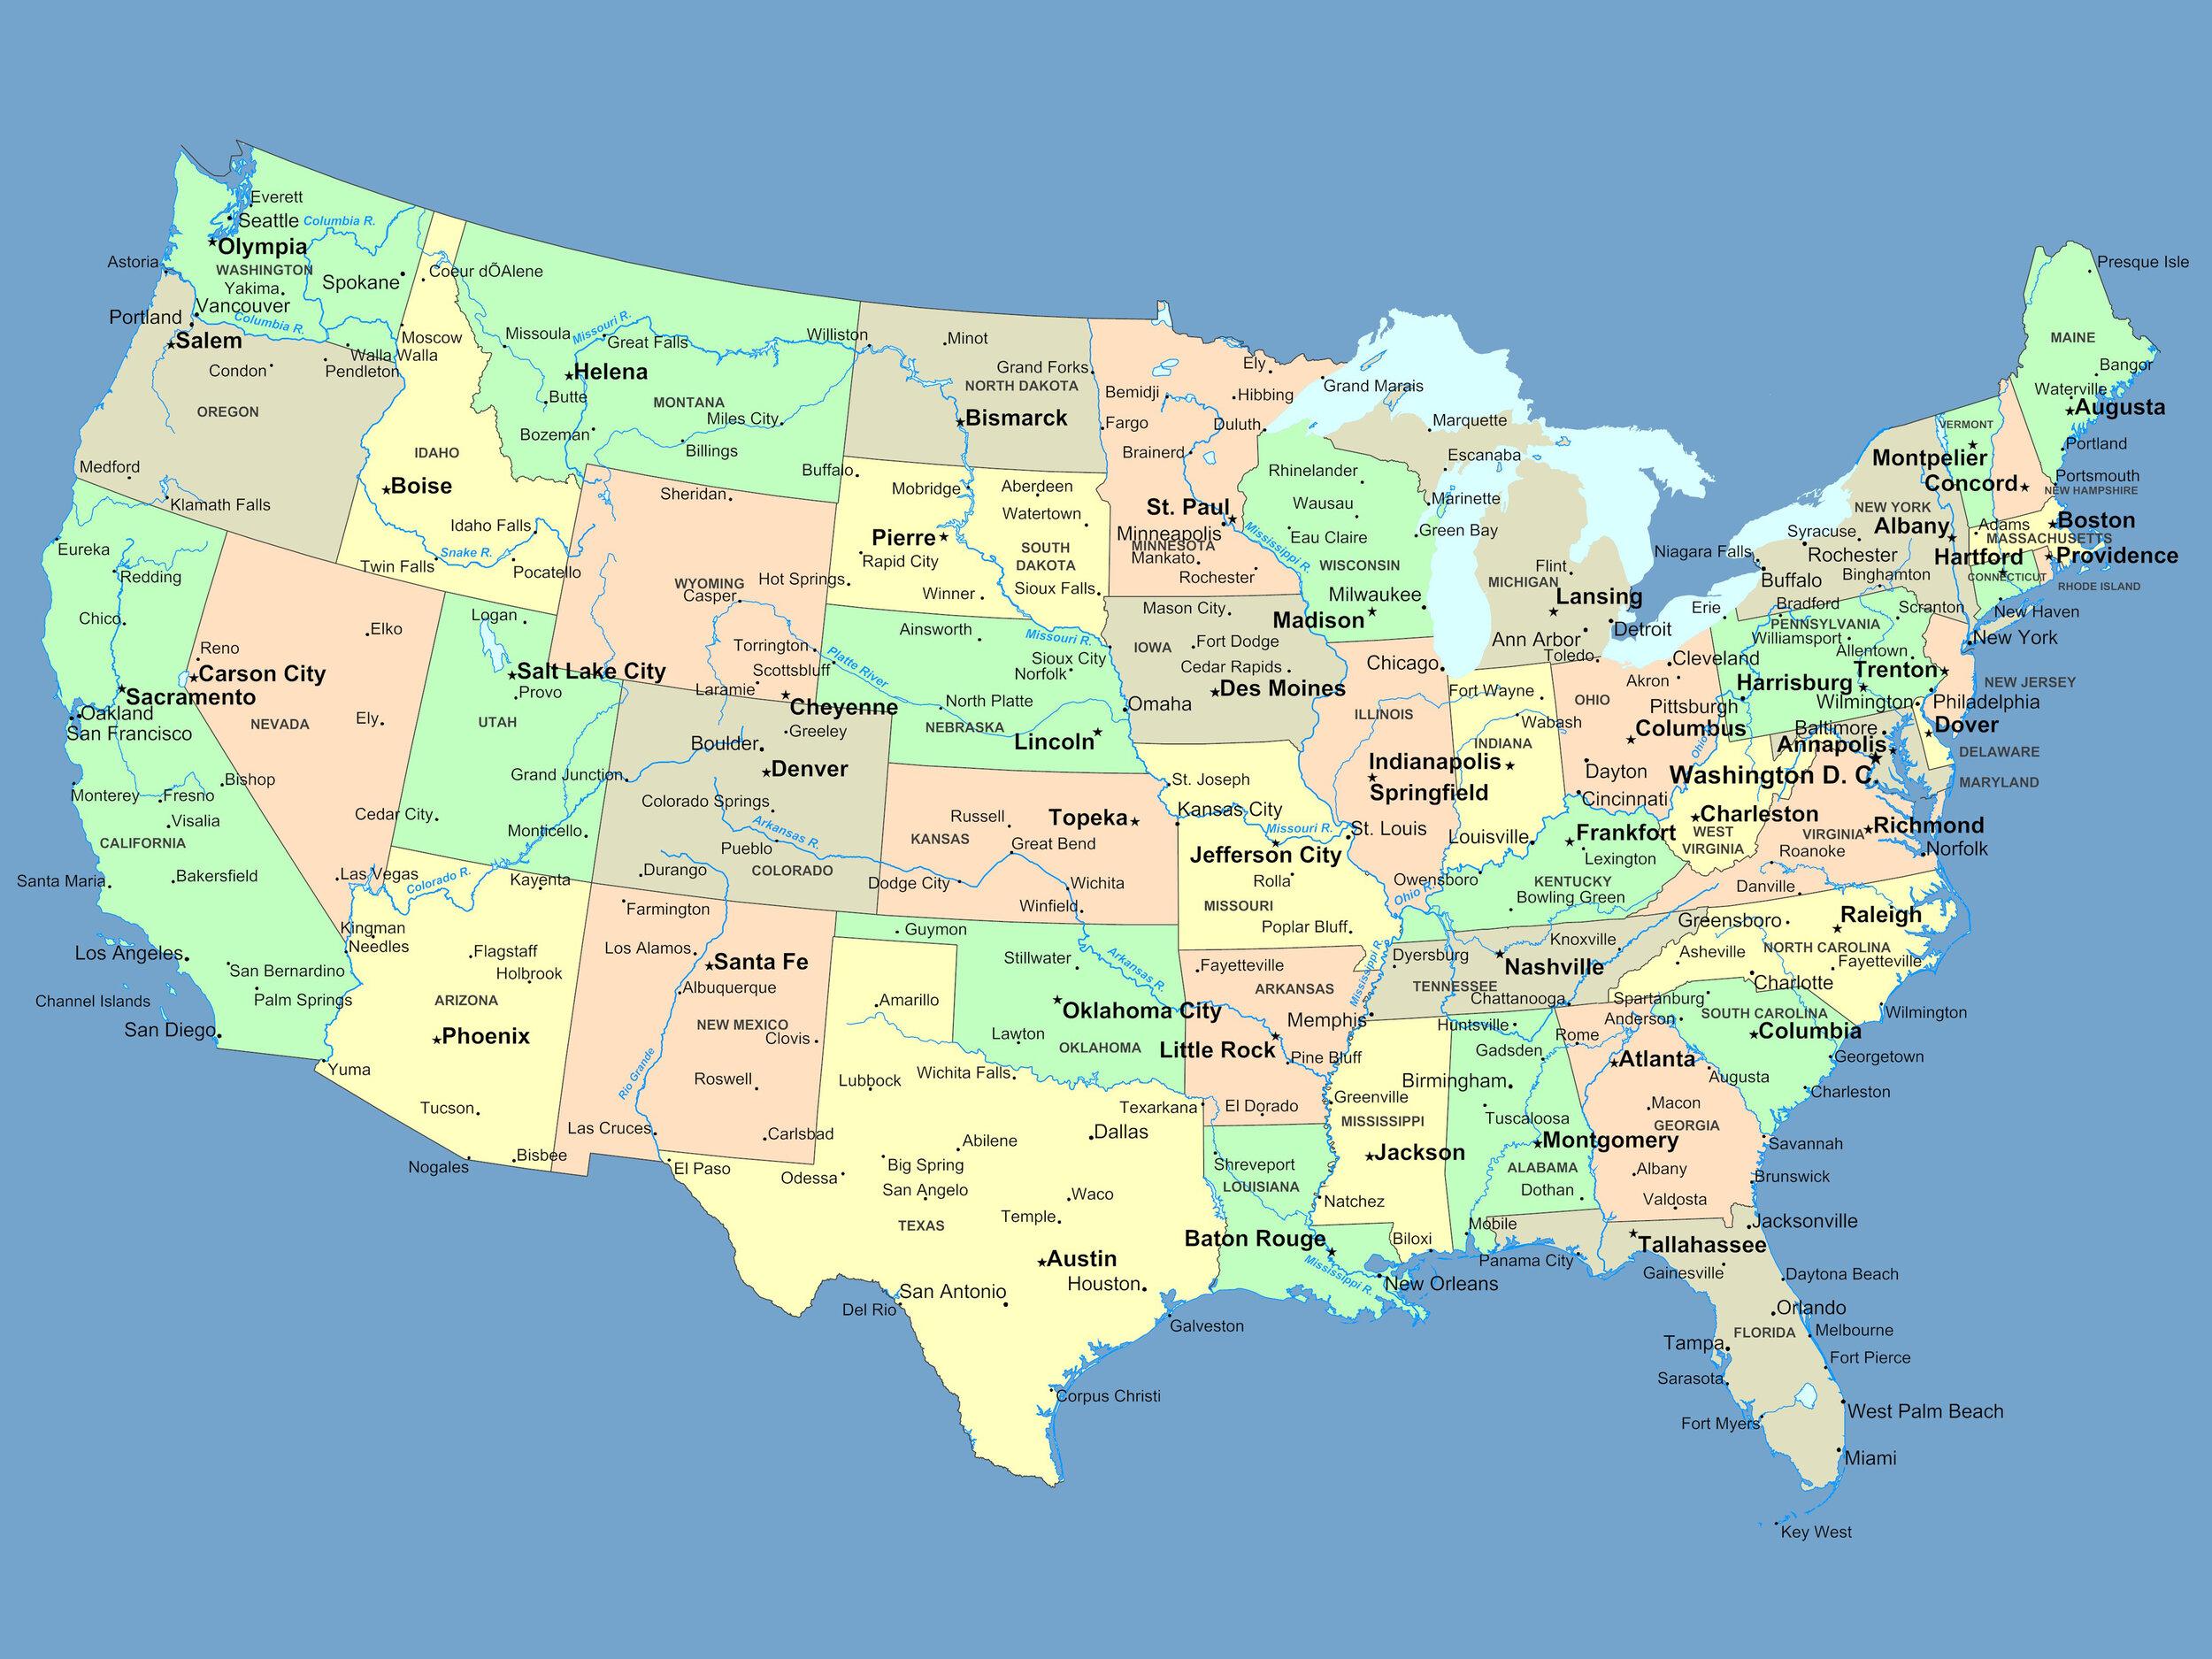 USA Map.jpeg